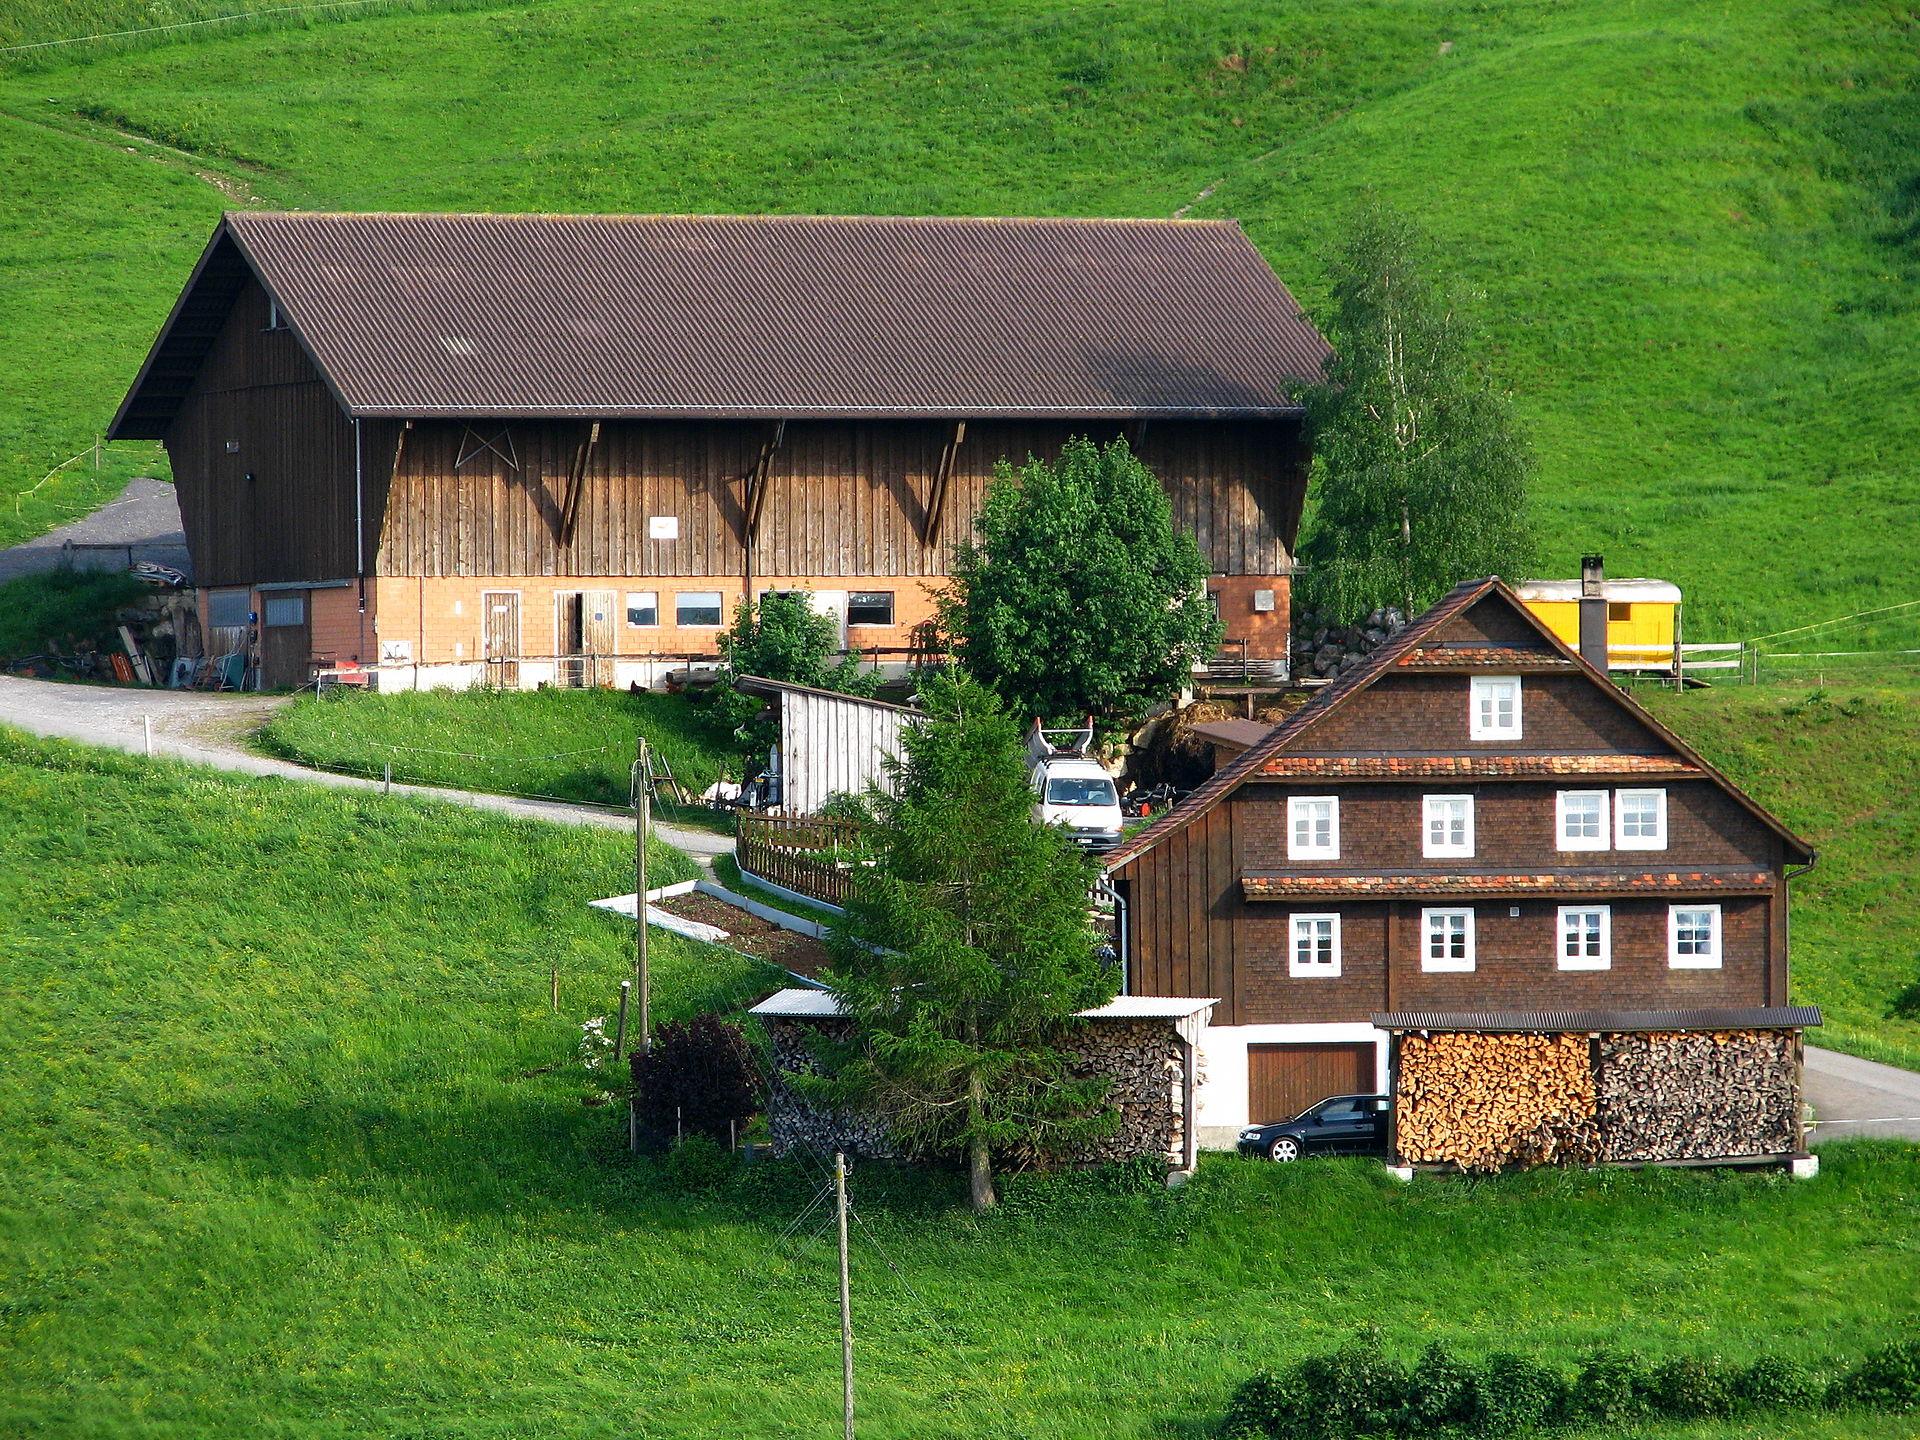 Farmhouse wikipedia for Farm home designs